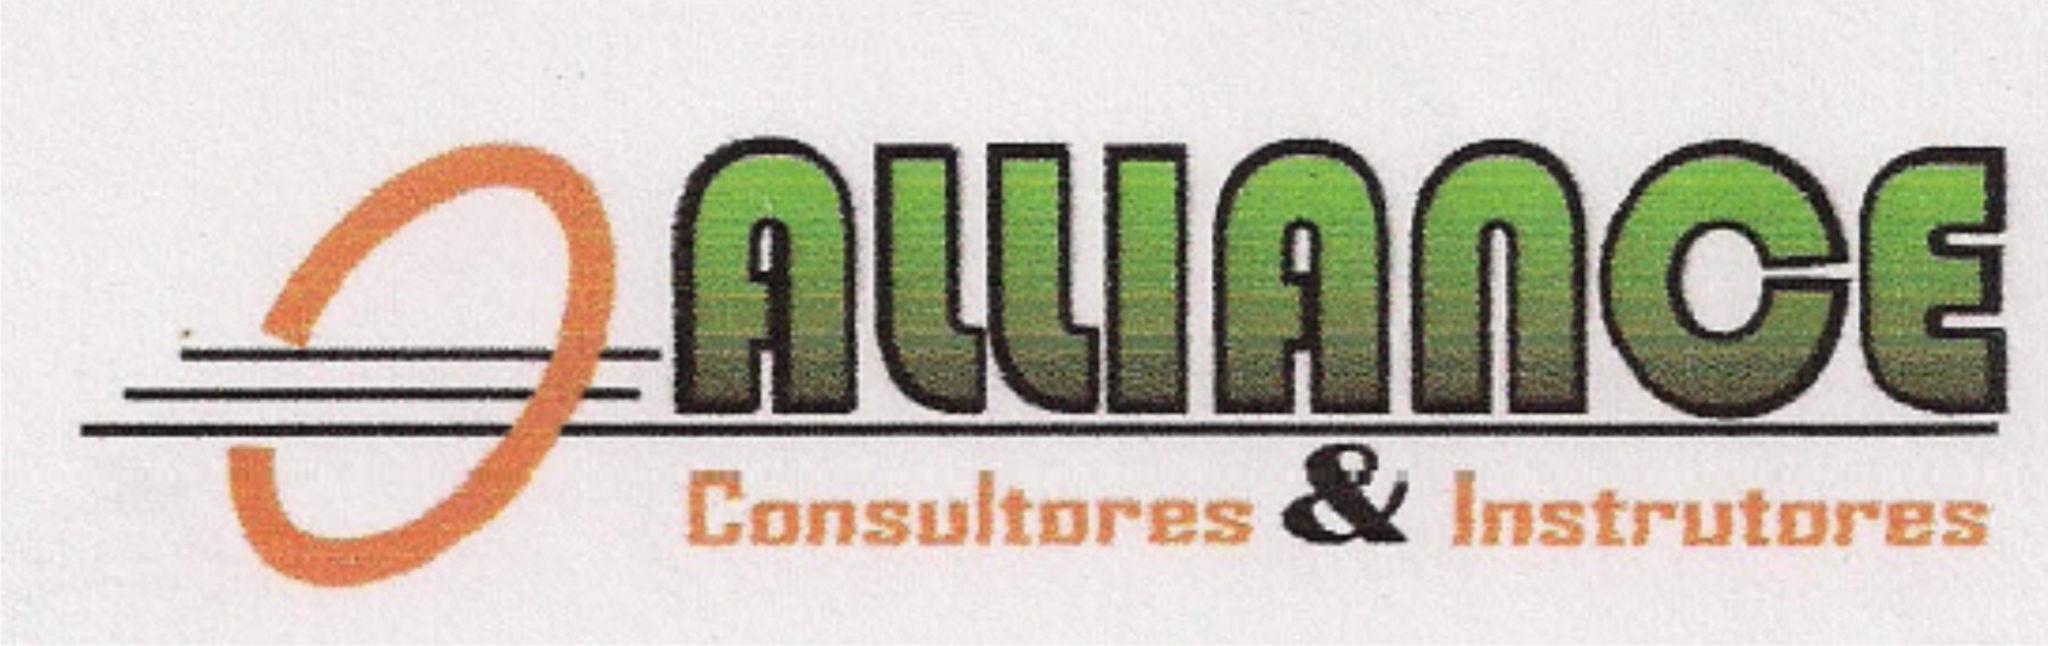 logo alliance.jpg